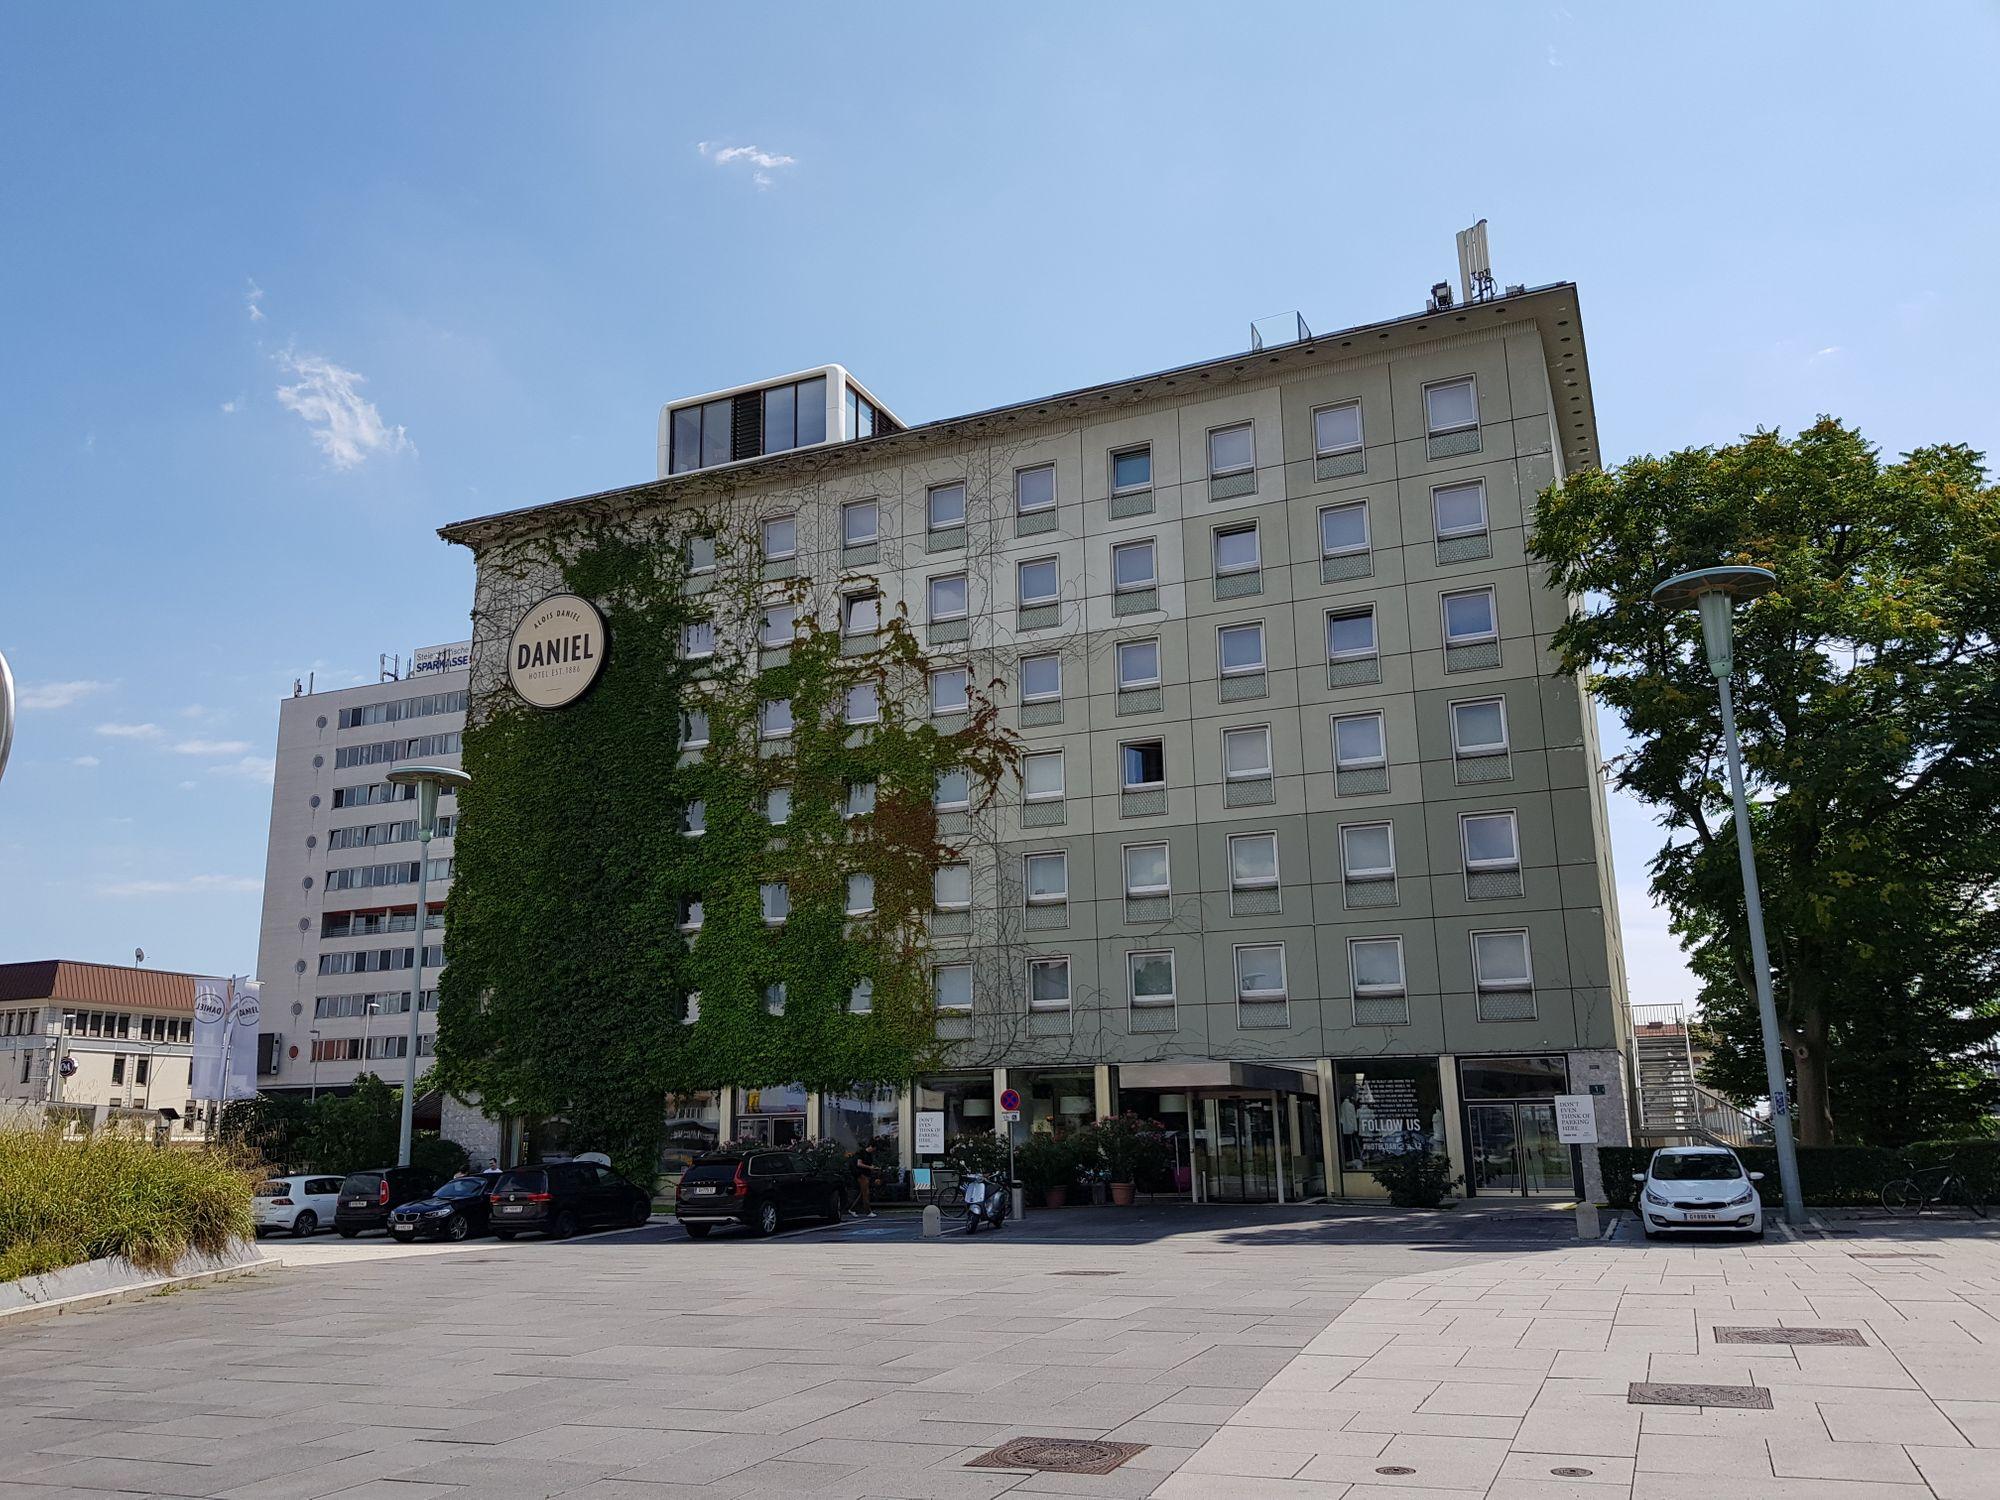 Frontansicht des Hotel Daniel.